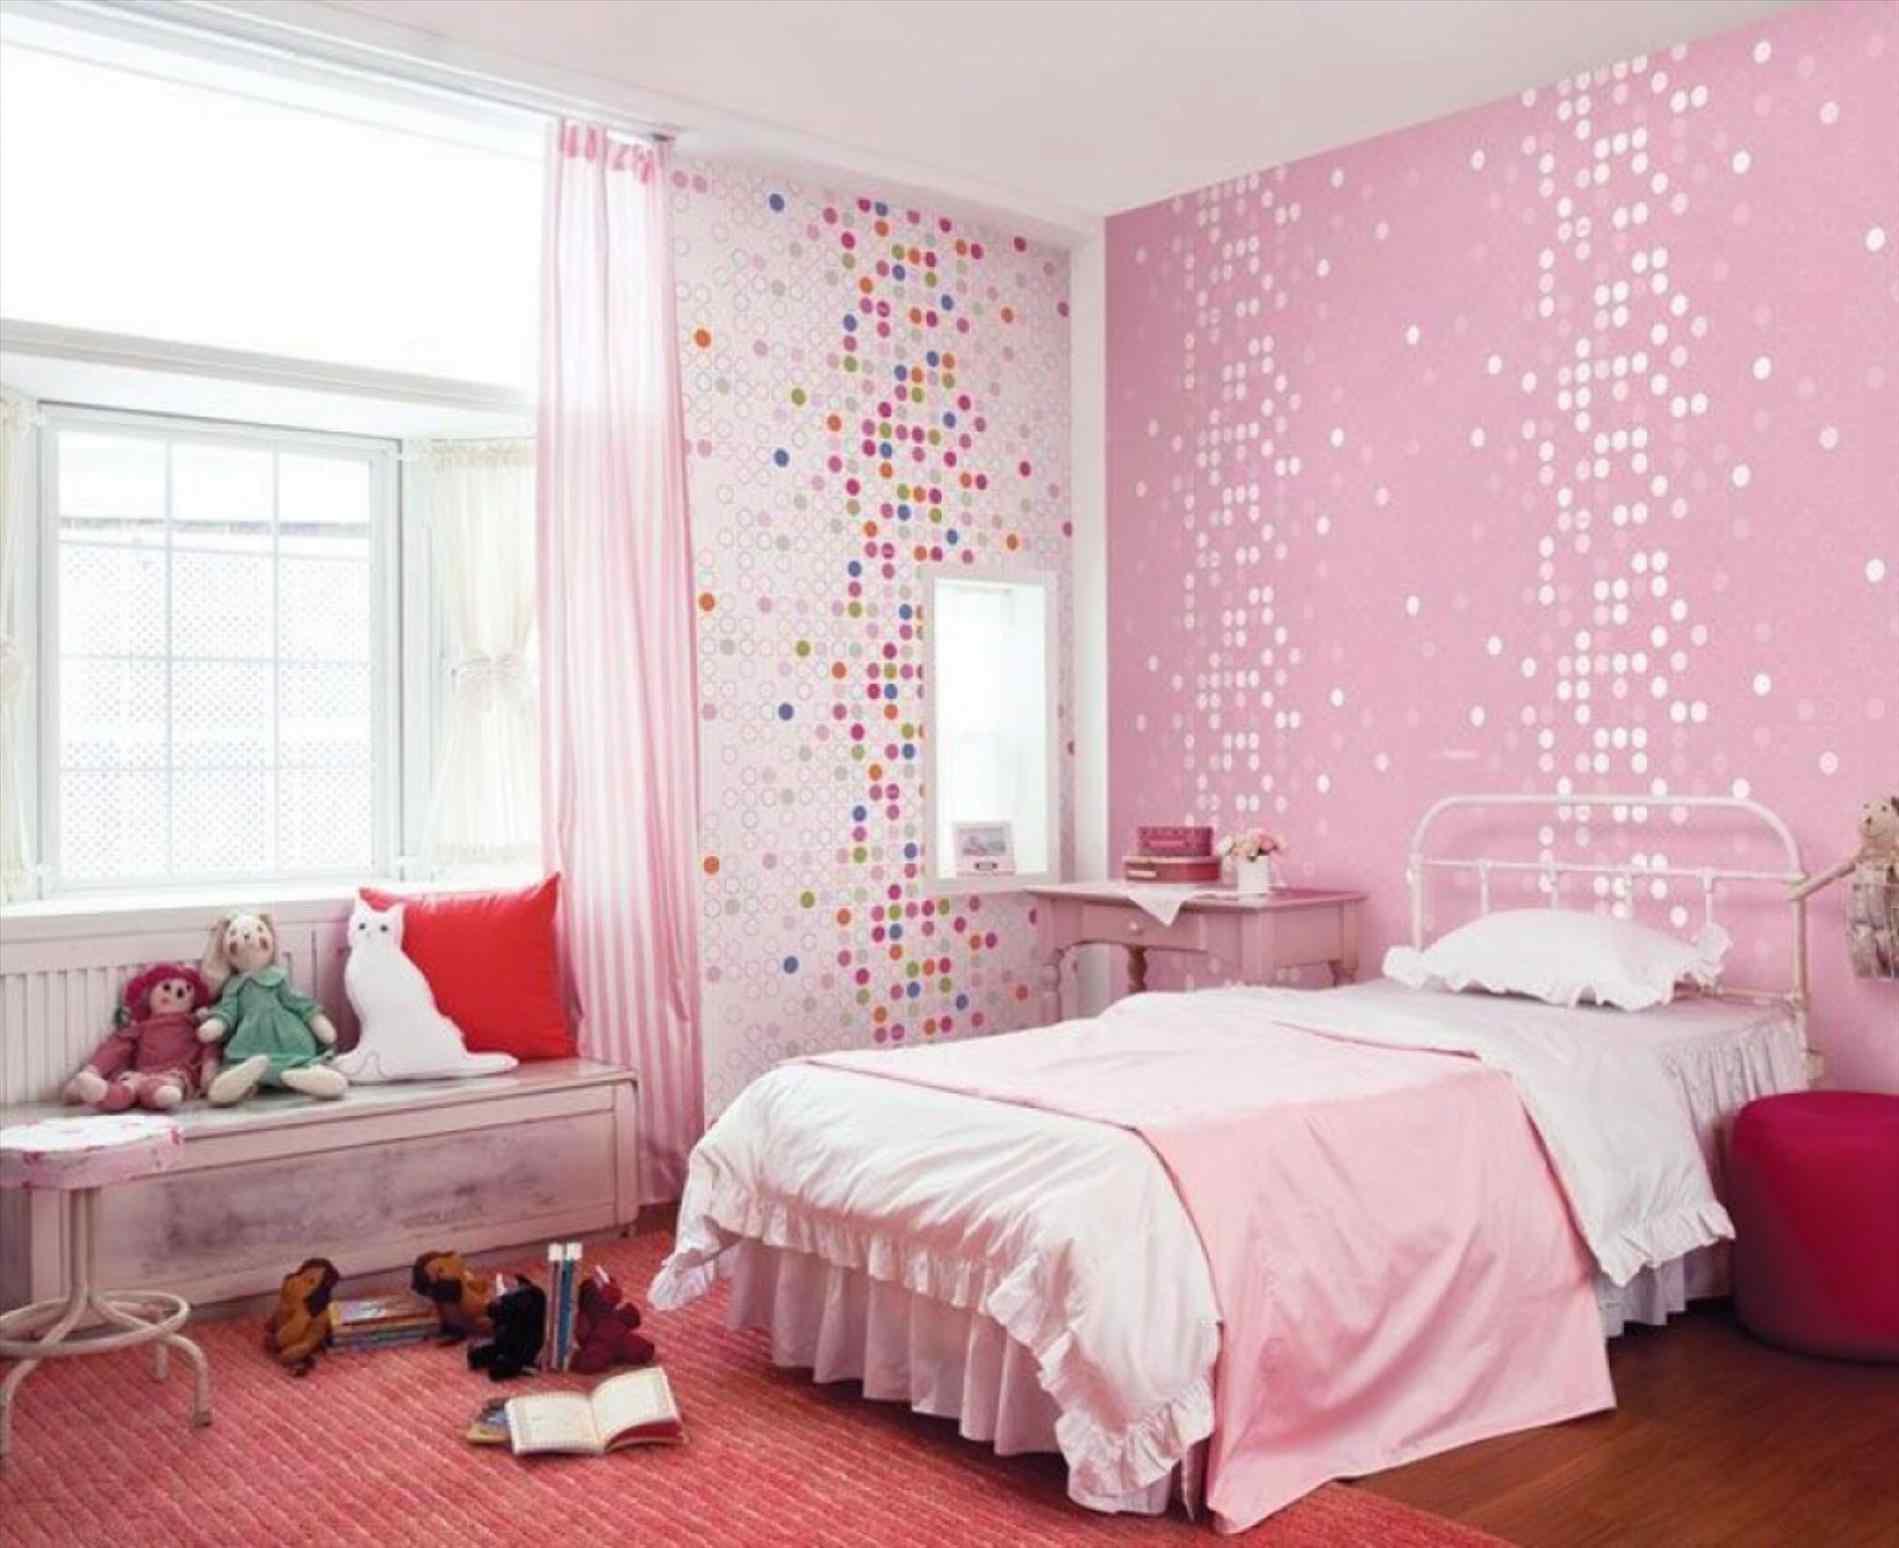 Decor For Teens Tween Girl Teen Rhfityapcom Bedroom - Bedroom Wall Paint Design , HD Wallpaper & Backgrounds